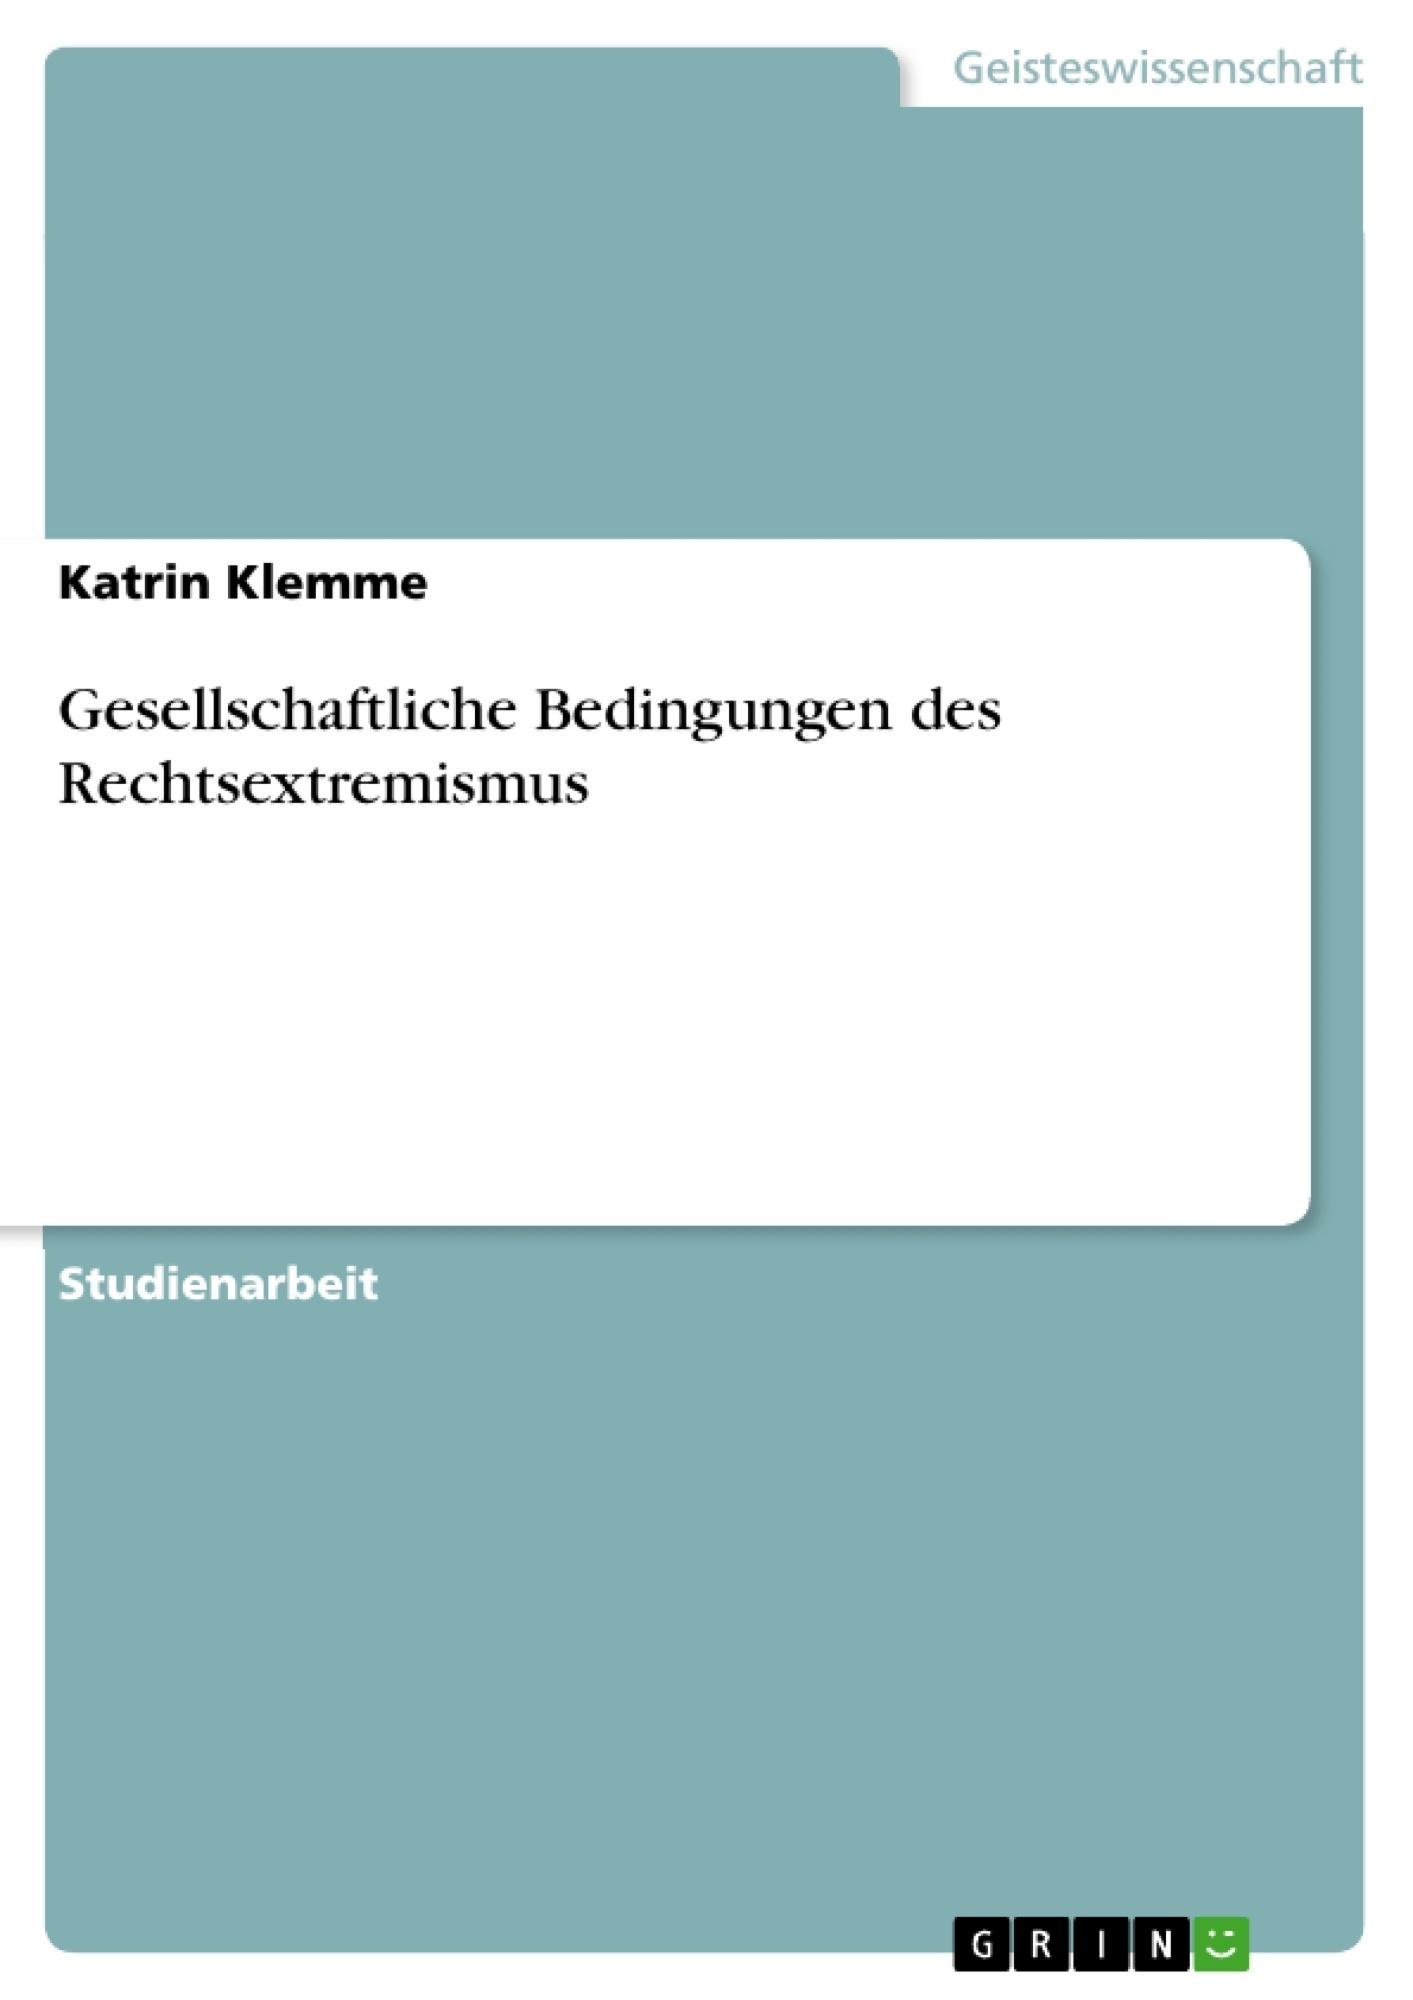 Titel: Gesellschaftliche Bedingungen des Rechtsextremismus